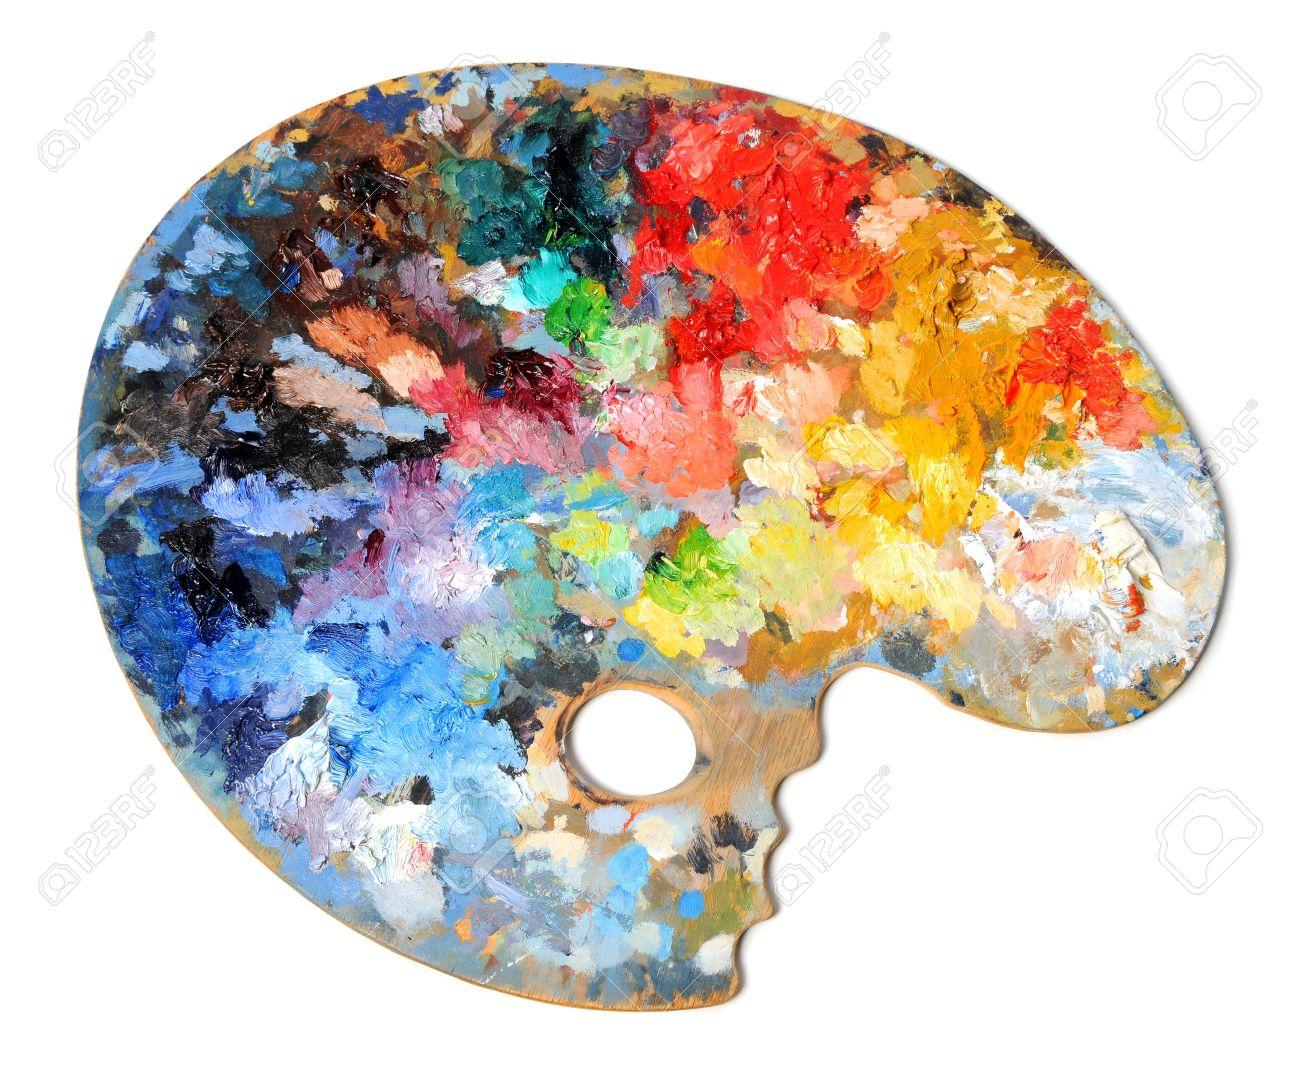 paint palette : Artist palette